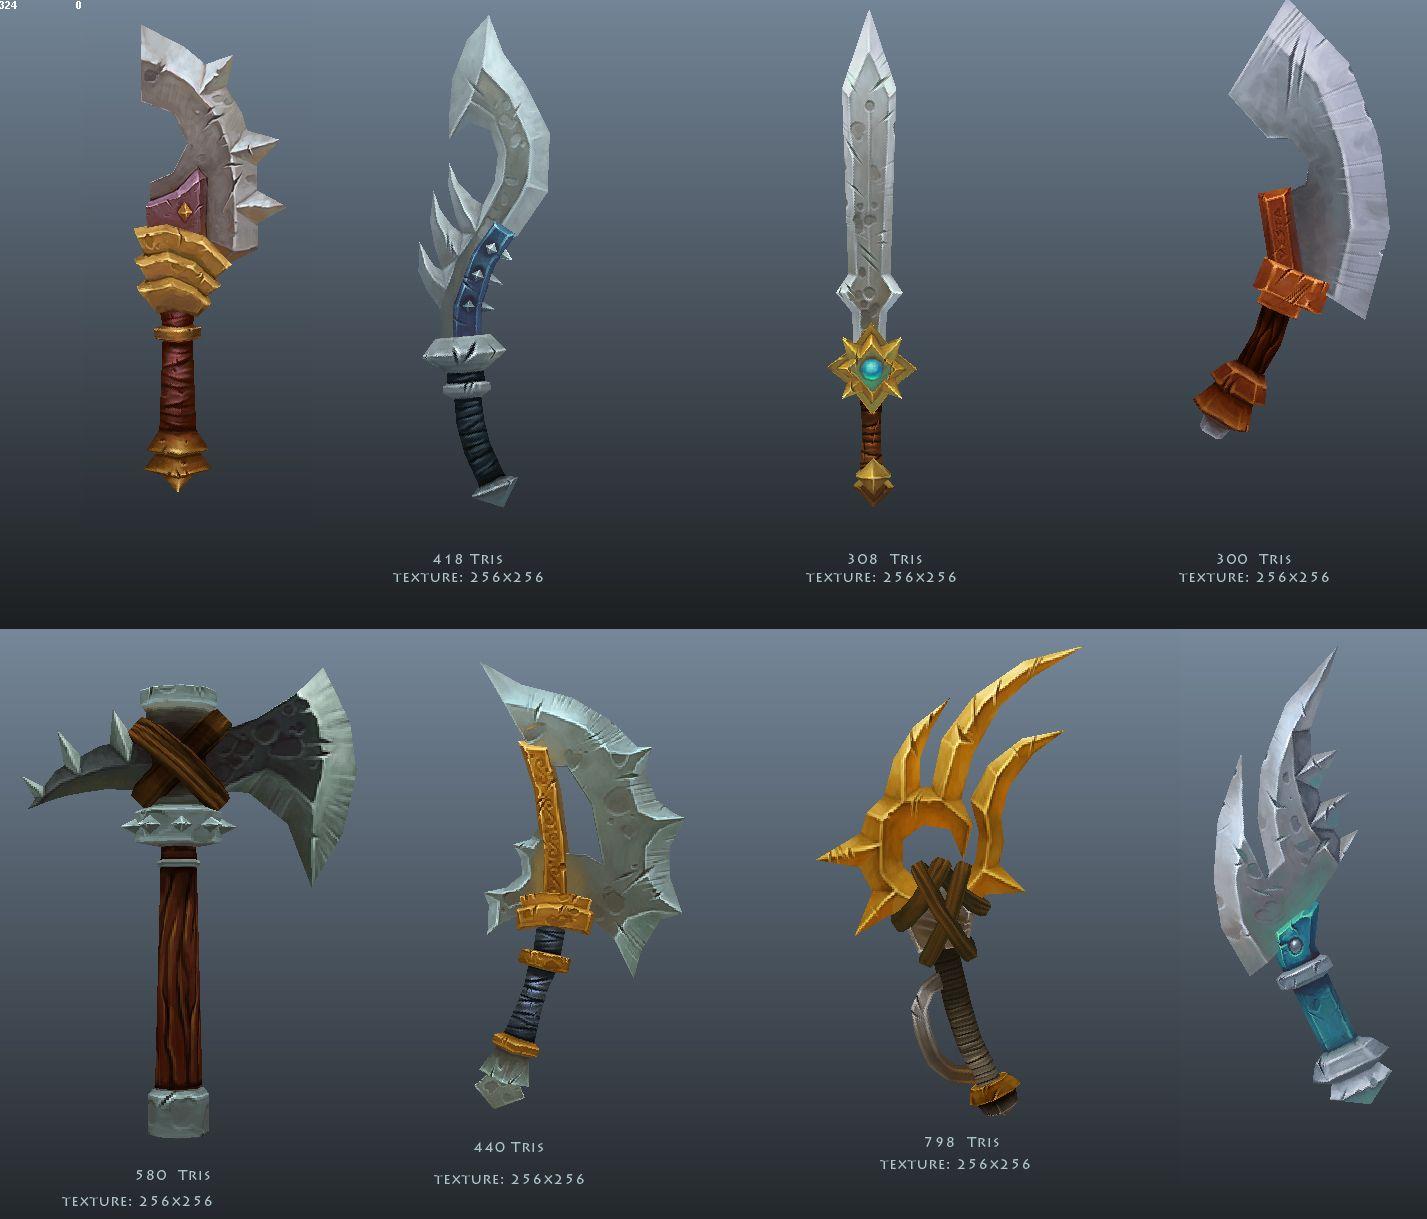 http://4.bp.blogspot.com/-TJdtKnGjCHk/TrhLAFxRx1I/AAAAAAAANb0/m42ys7VGBEs/s1600/sword_set.jpg